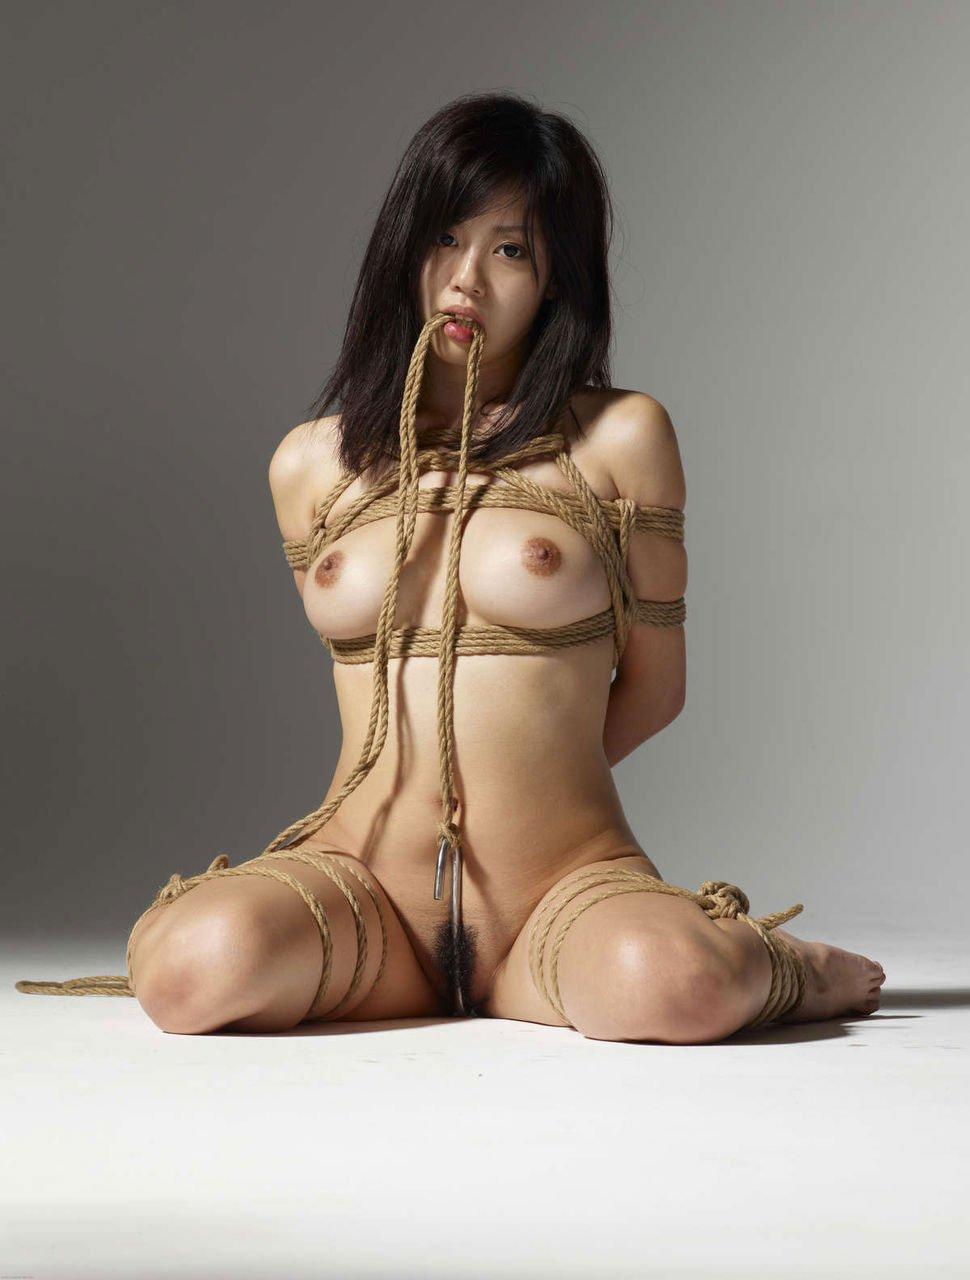 縄で女性を縛るSMプレイ (6)